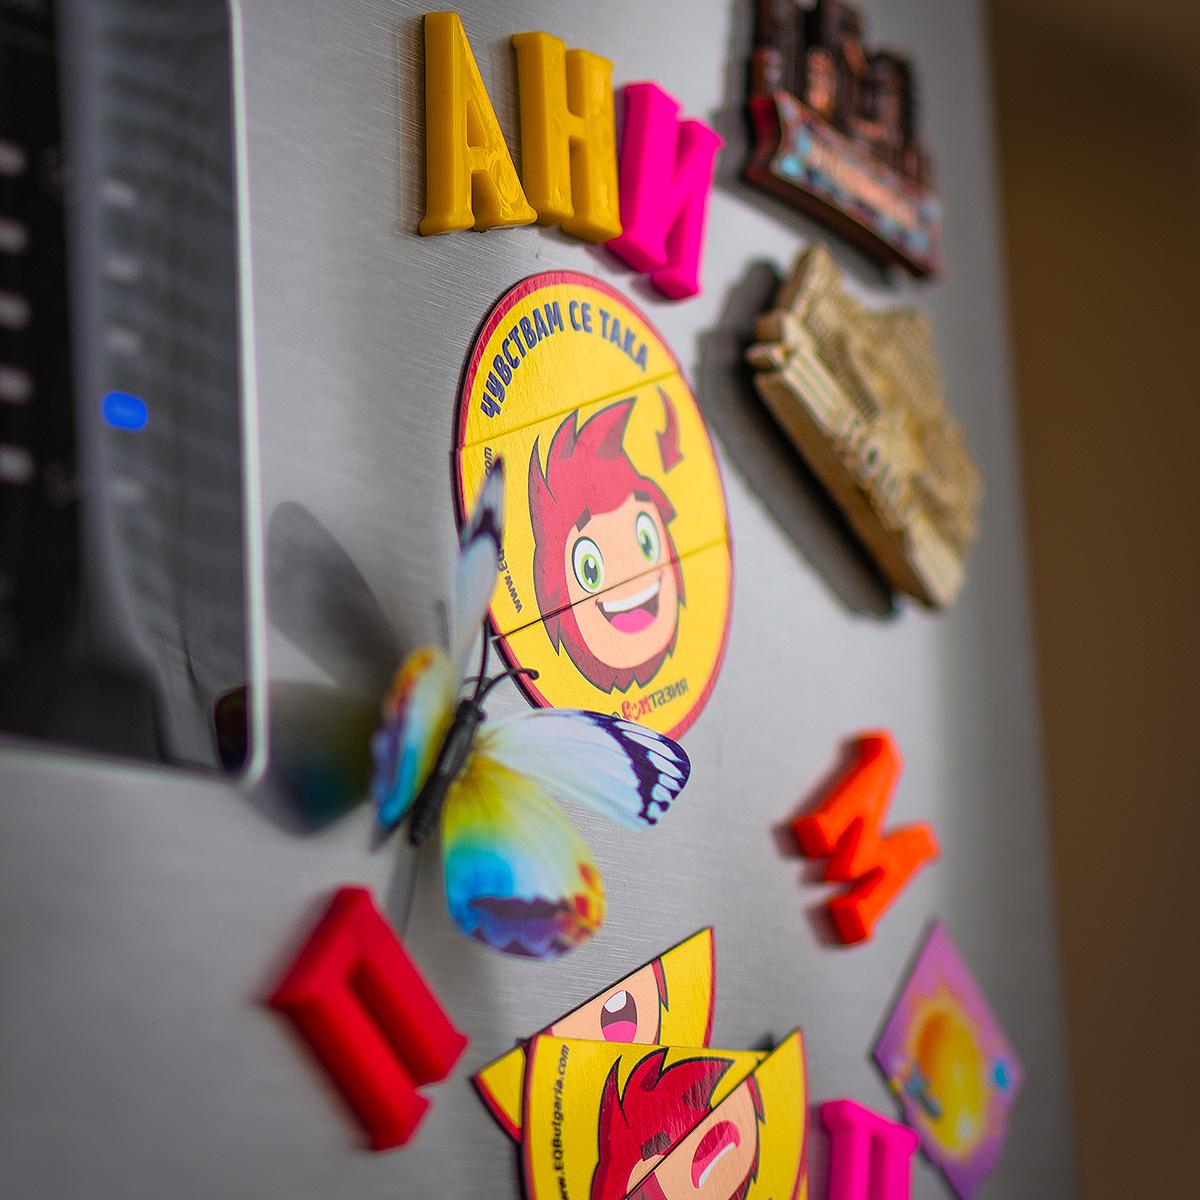 Магнитният комплект може да се постави върху хладилника в дома, за да може детето да го ползва ежедневно, изразявайки своите емоционални състояния чрез него.